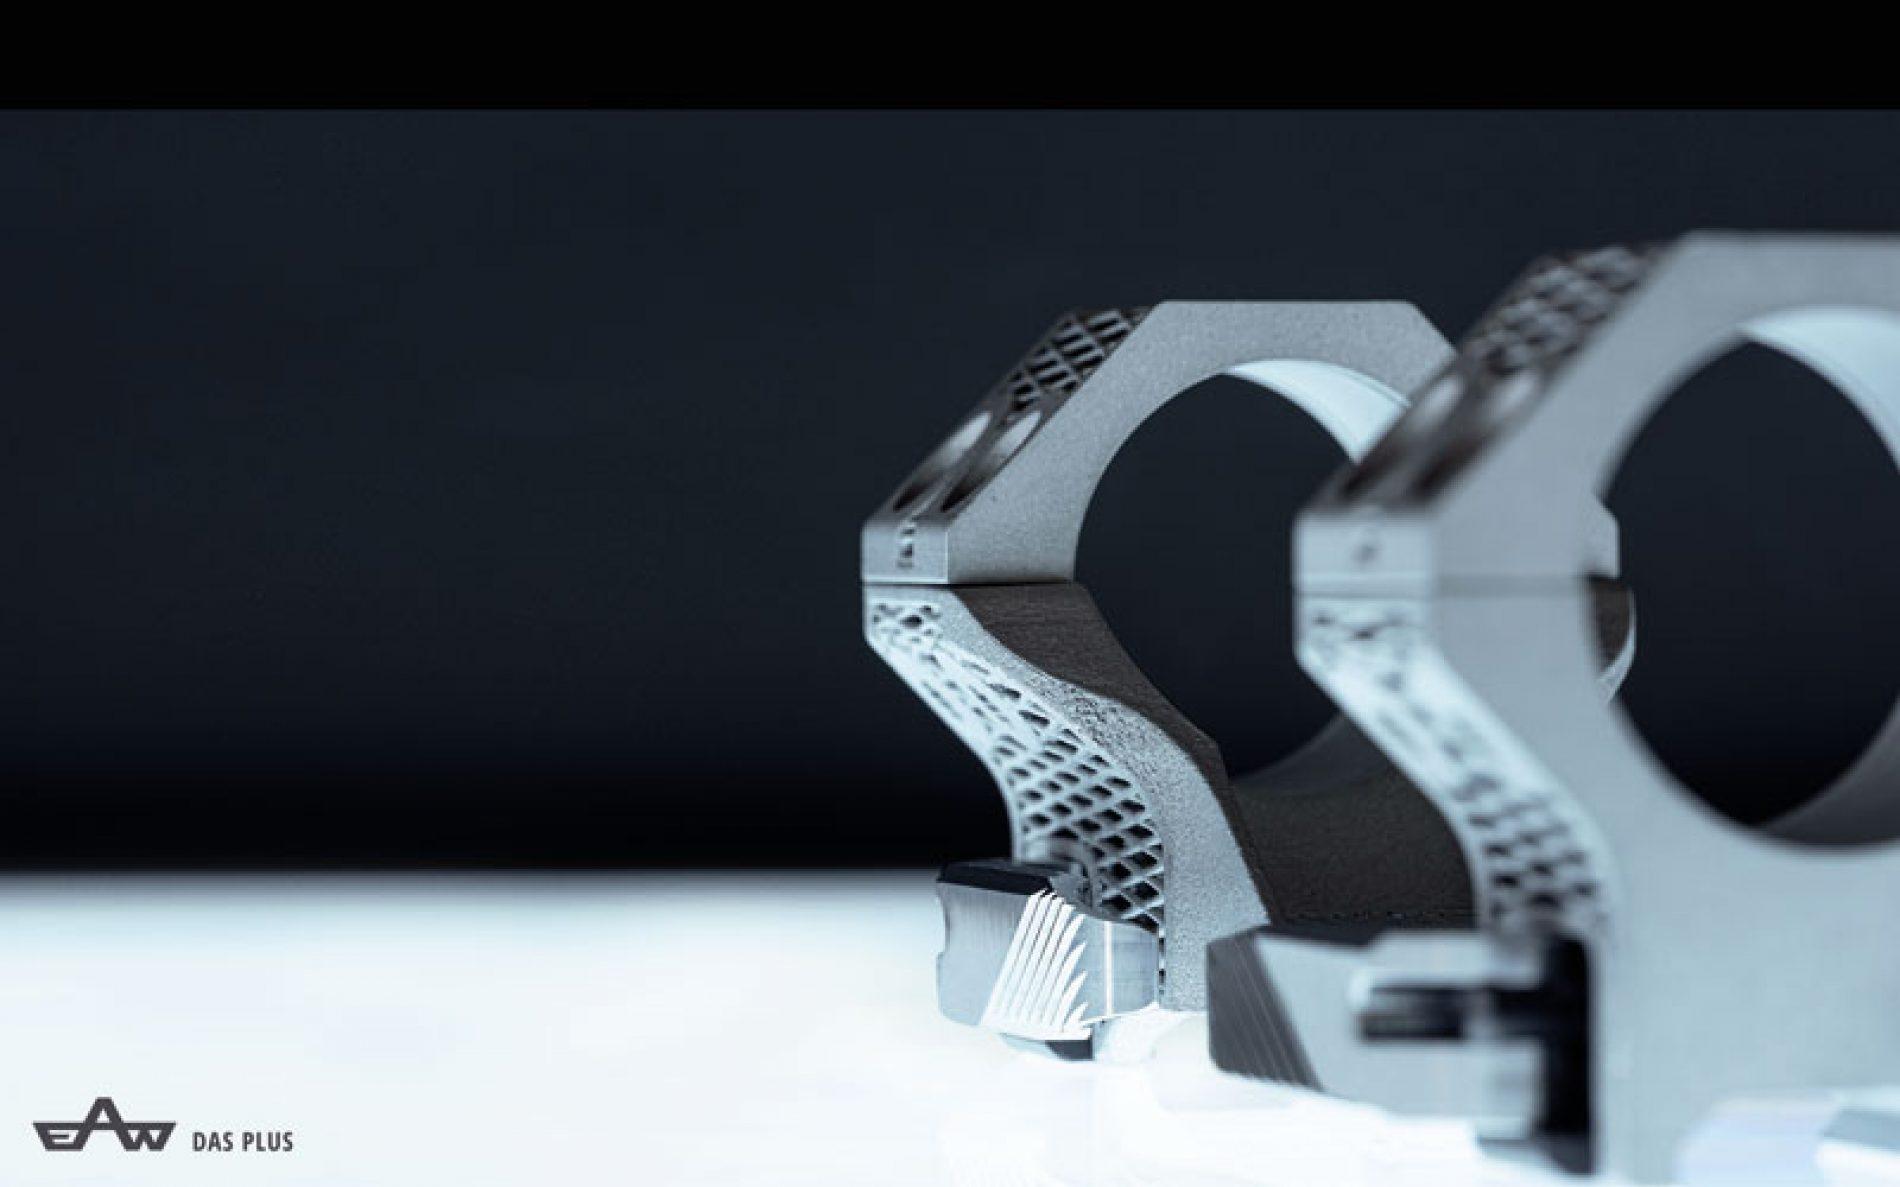 Nueva montura Apel-Eaw 3D